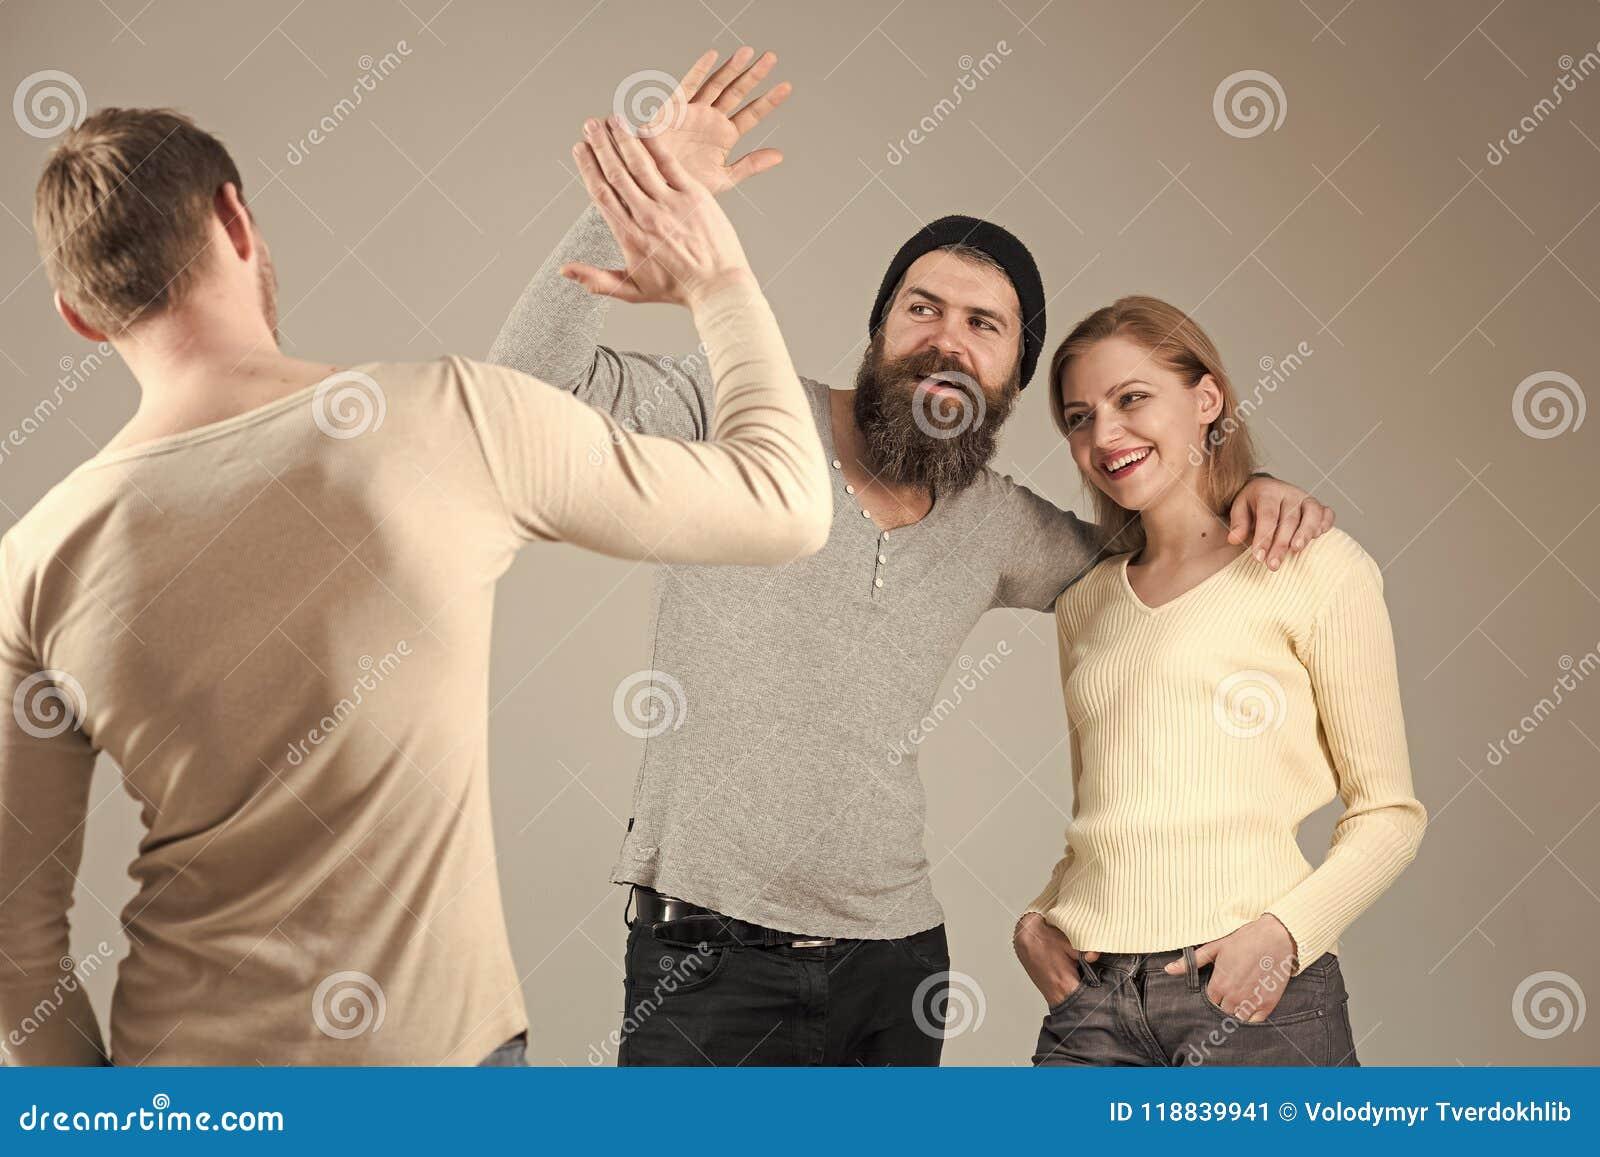 Vriendschap en vriendschappelijke relaties Bedrijf van vrolijke mensen, vrienden Relaties, mededeling, vriendschap Vrienden